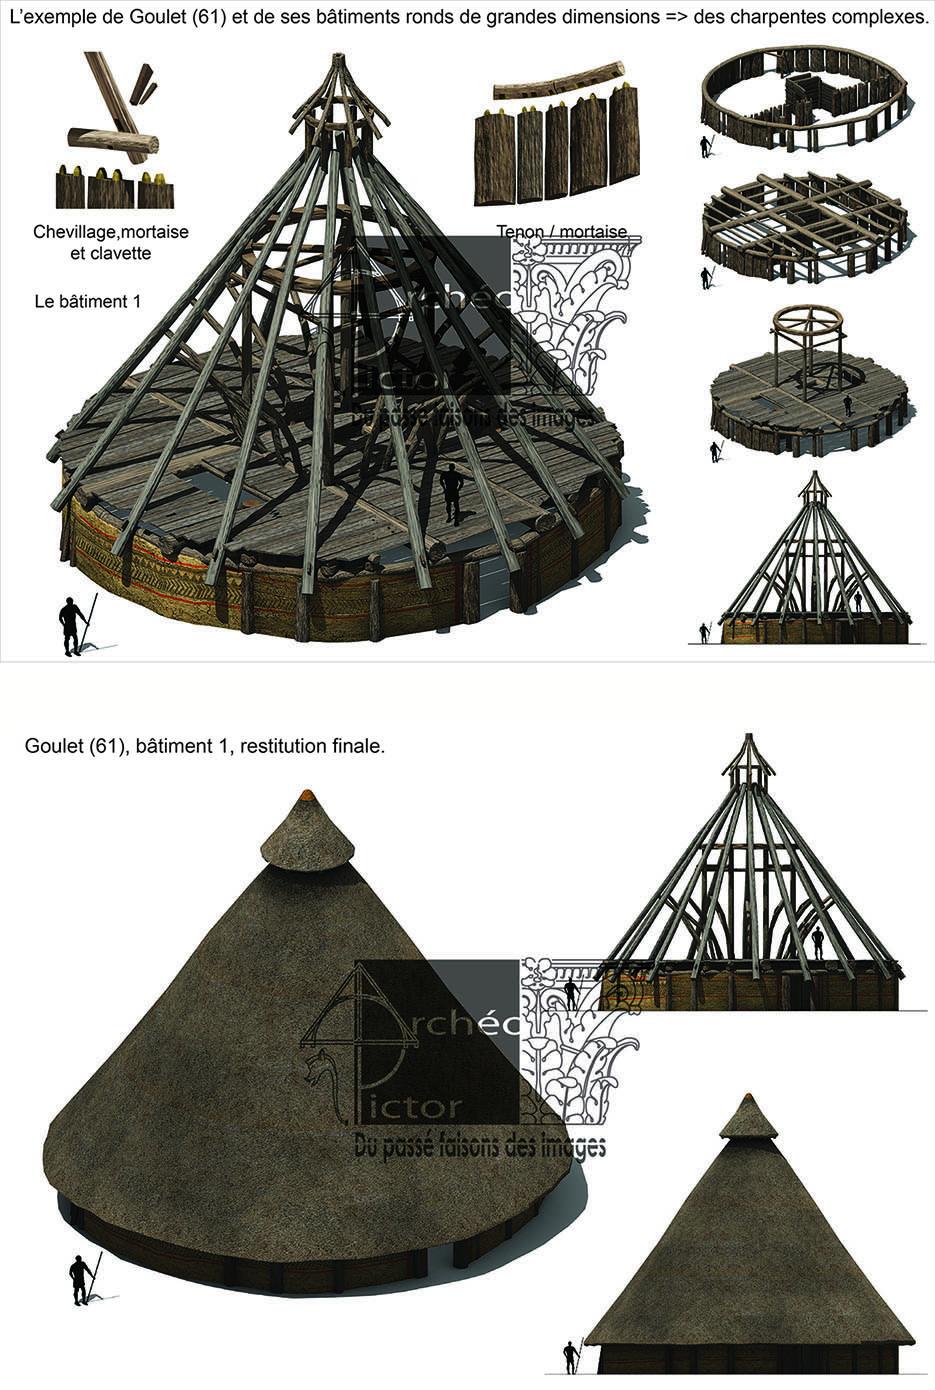 Le grand bâtiment circulaire de Goulet